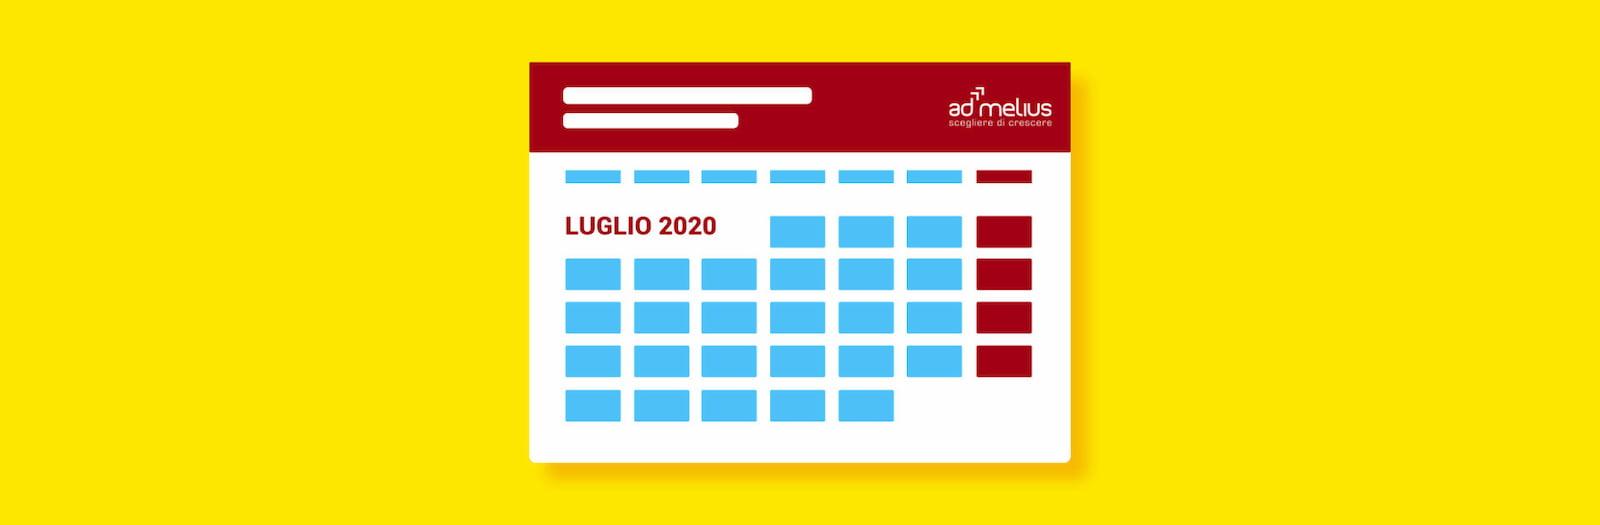 CALENDARIO EVENTI LUGLIO 2020